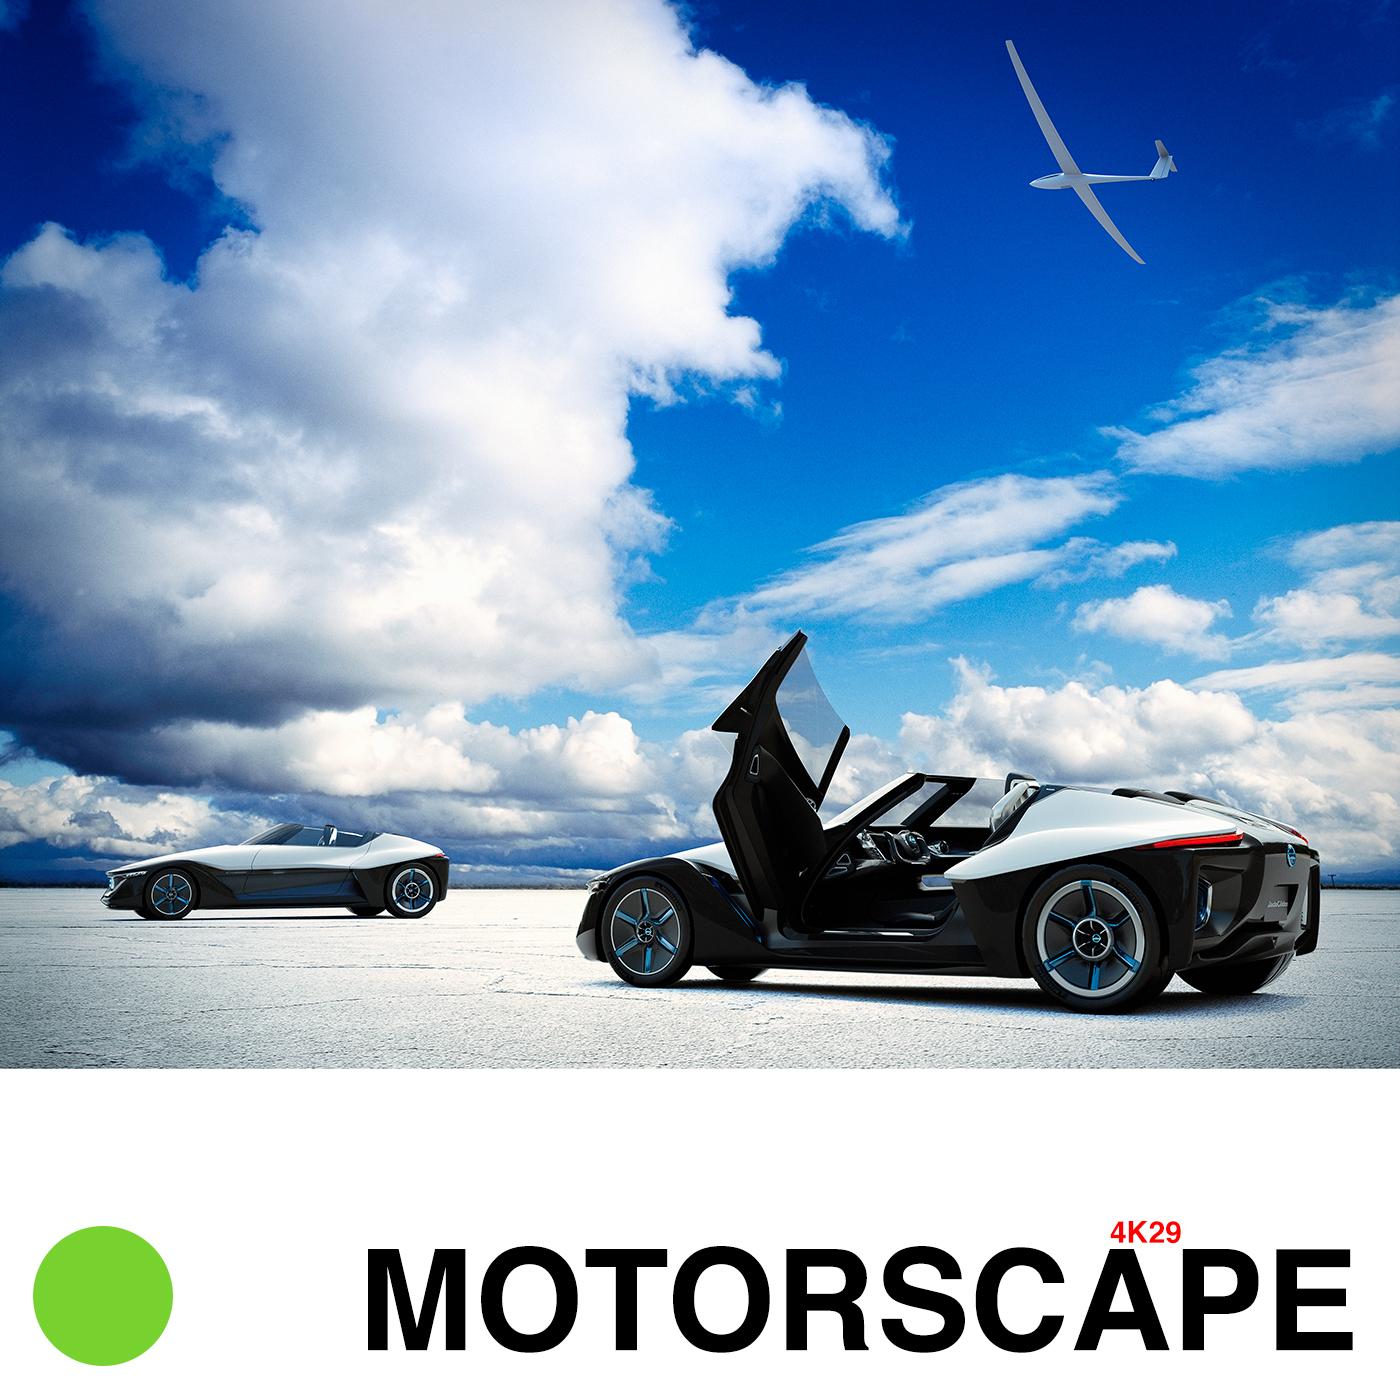 MOTORSCAPE 4K29